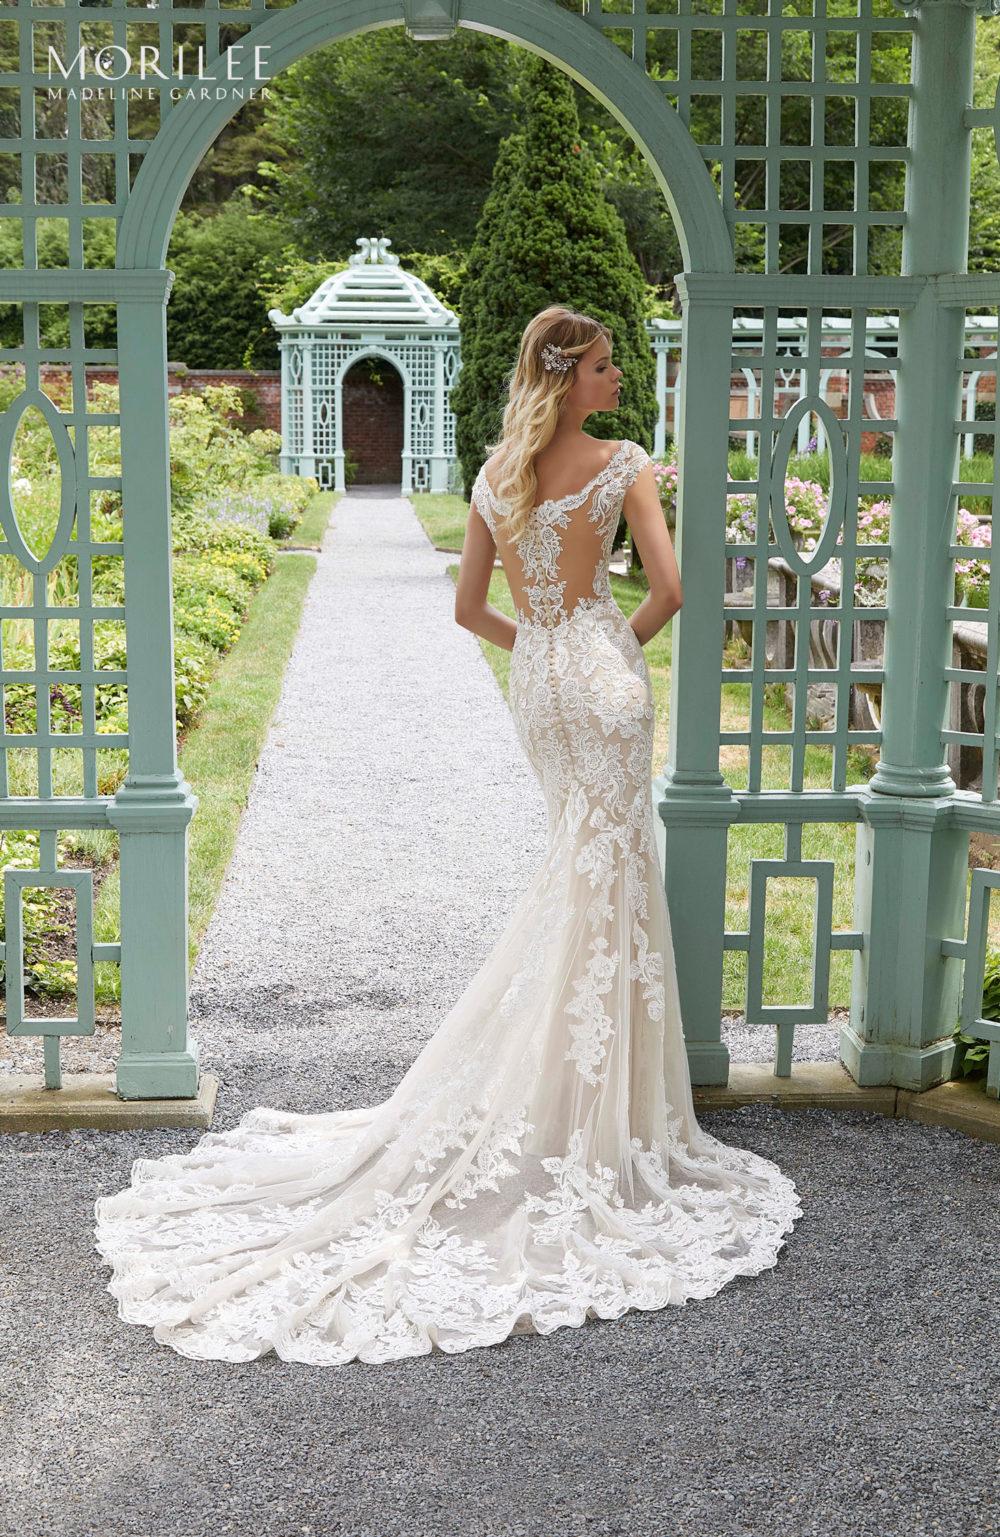 Mariages: abito da sposa Morilee 2020 a Vicenza, Verona, Padova, Veneto 2028